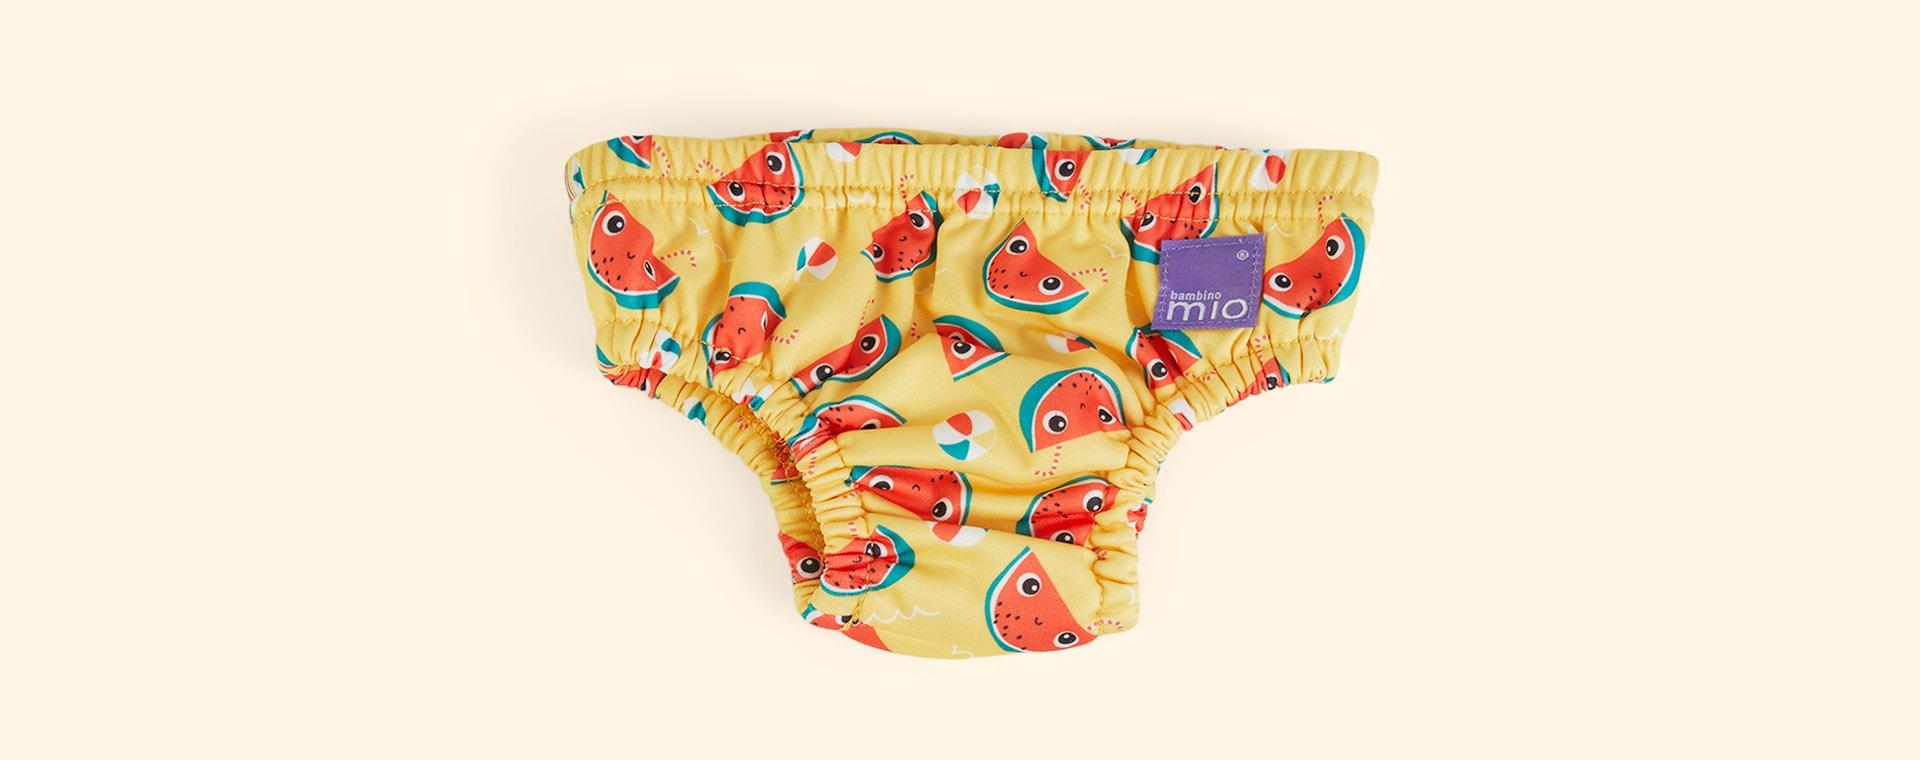 Mellow Melon Bambino Mio Reusable Swim Nappy